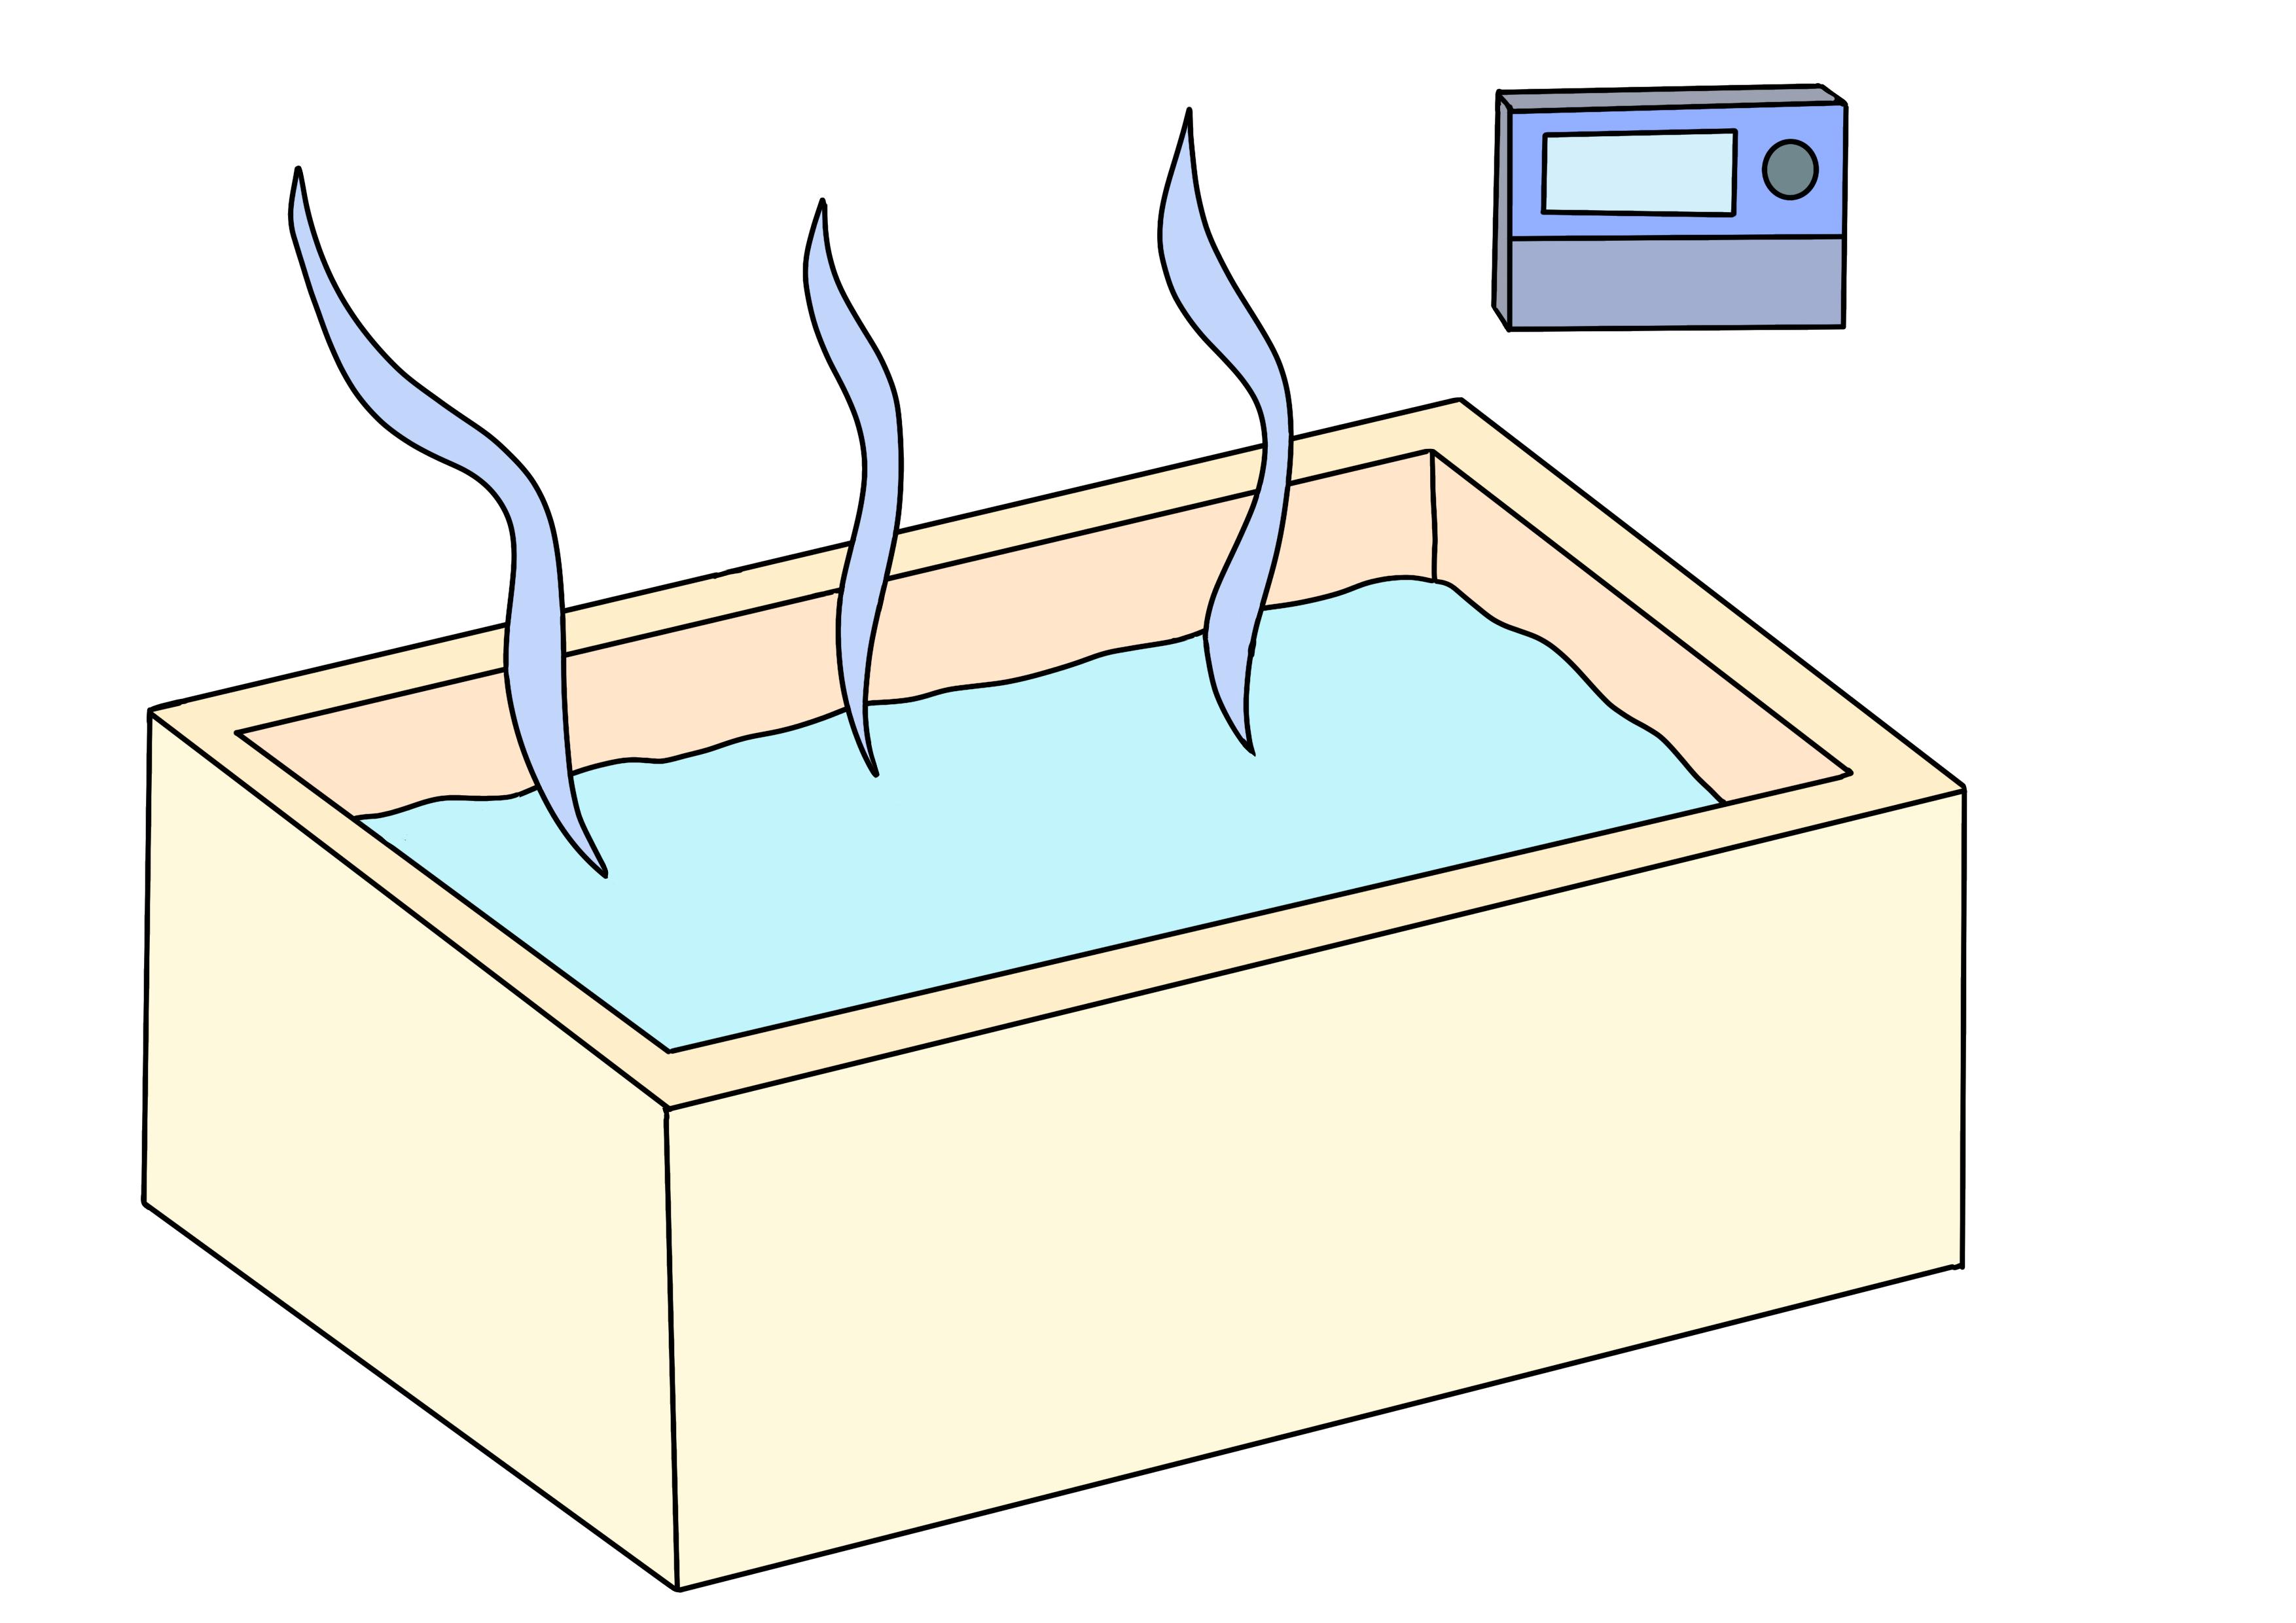 42課イラスト【お風呂が沸く】